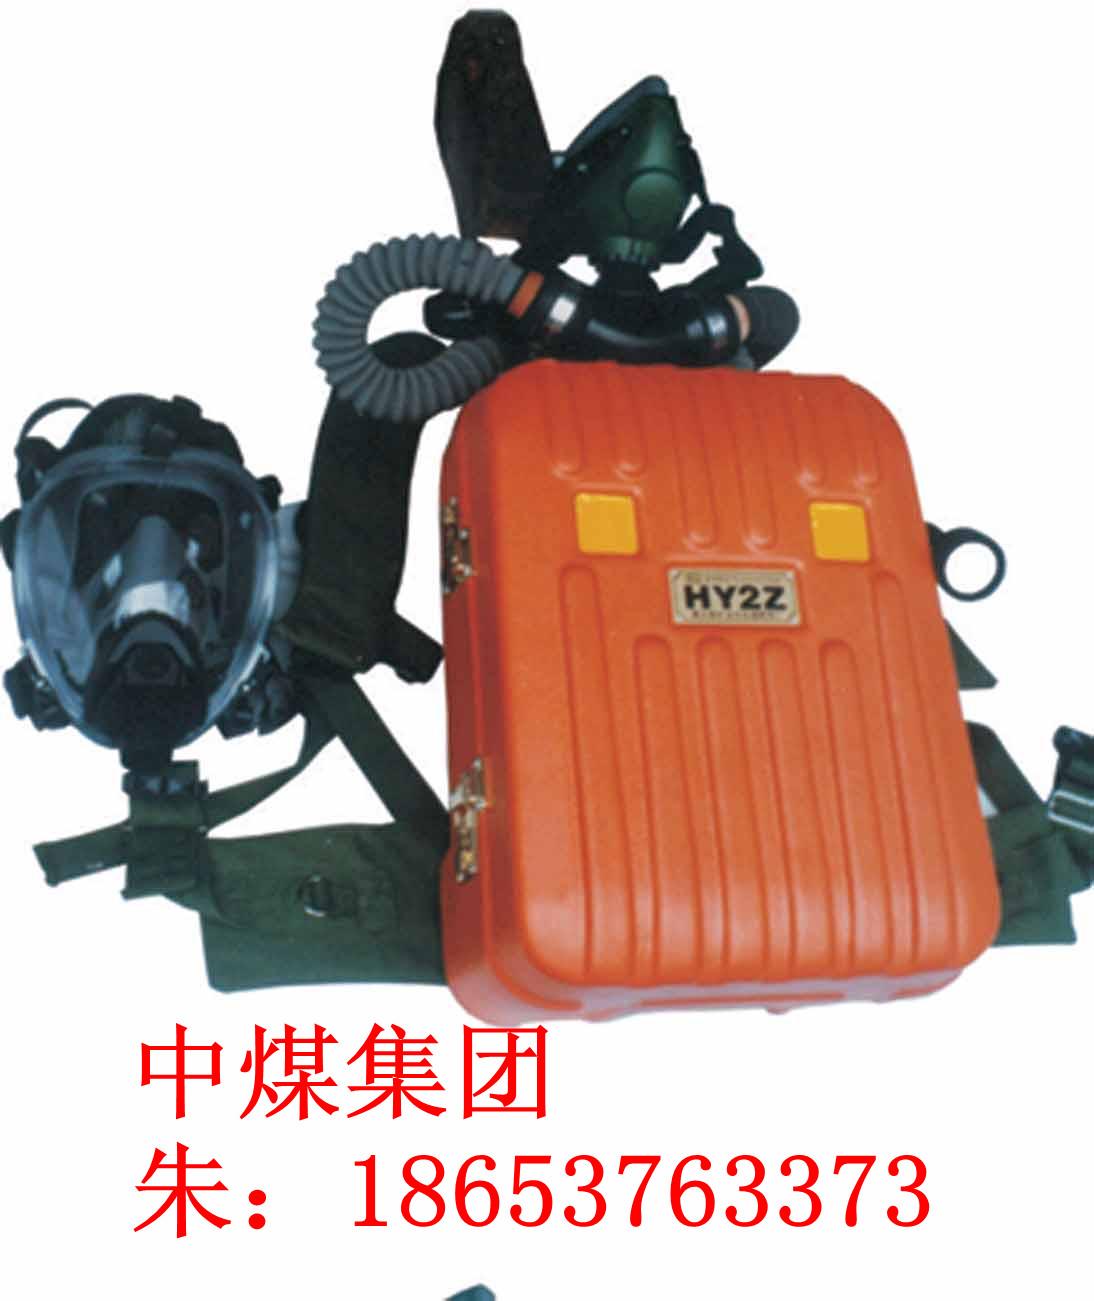 供应HYZ2隔绝式正压囊式氧气呼吸器